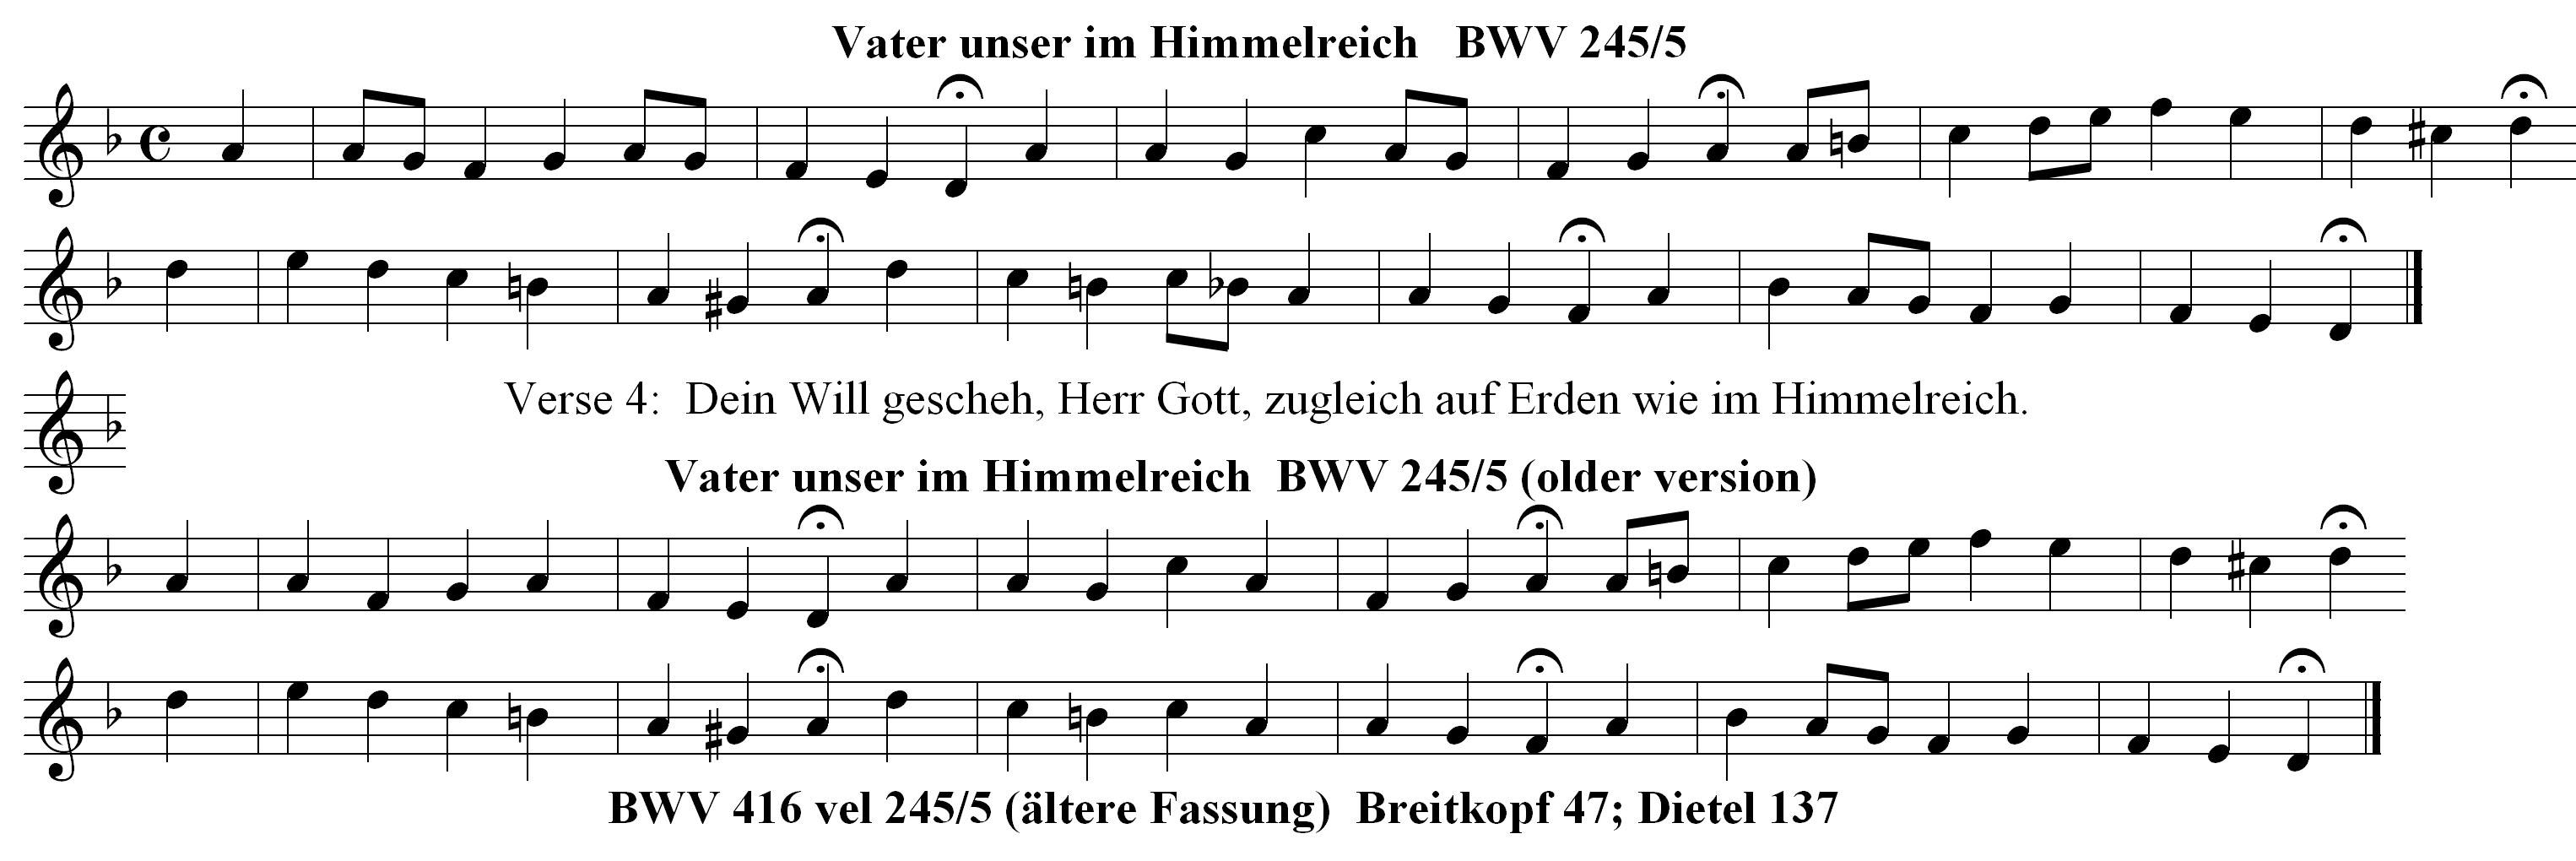 Vater unser in Himmelreich